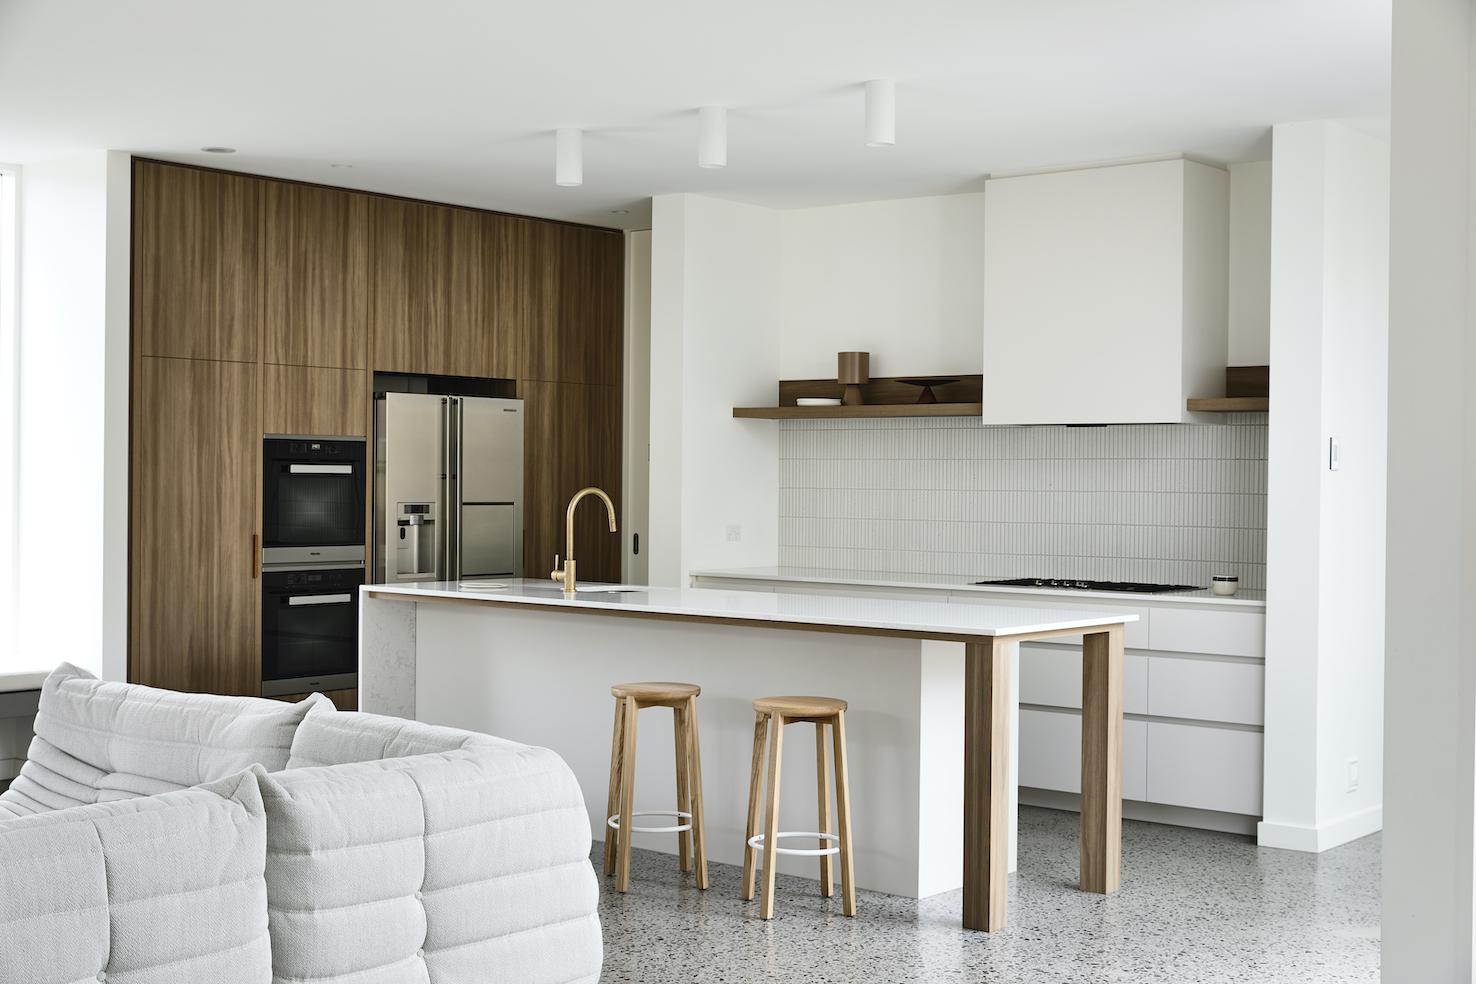 Douglas_kitchen wide